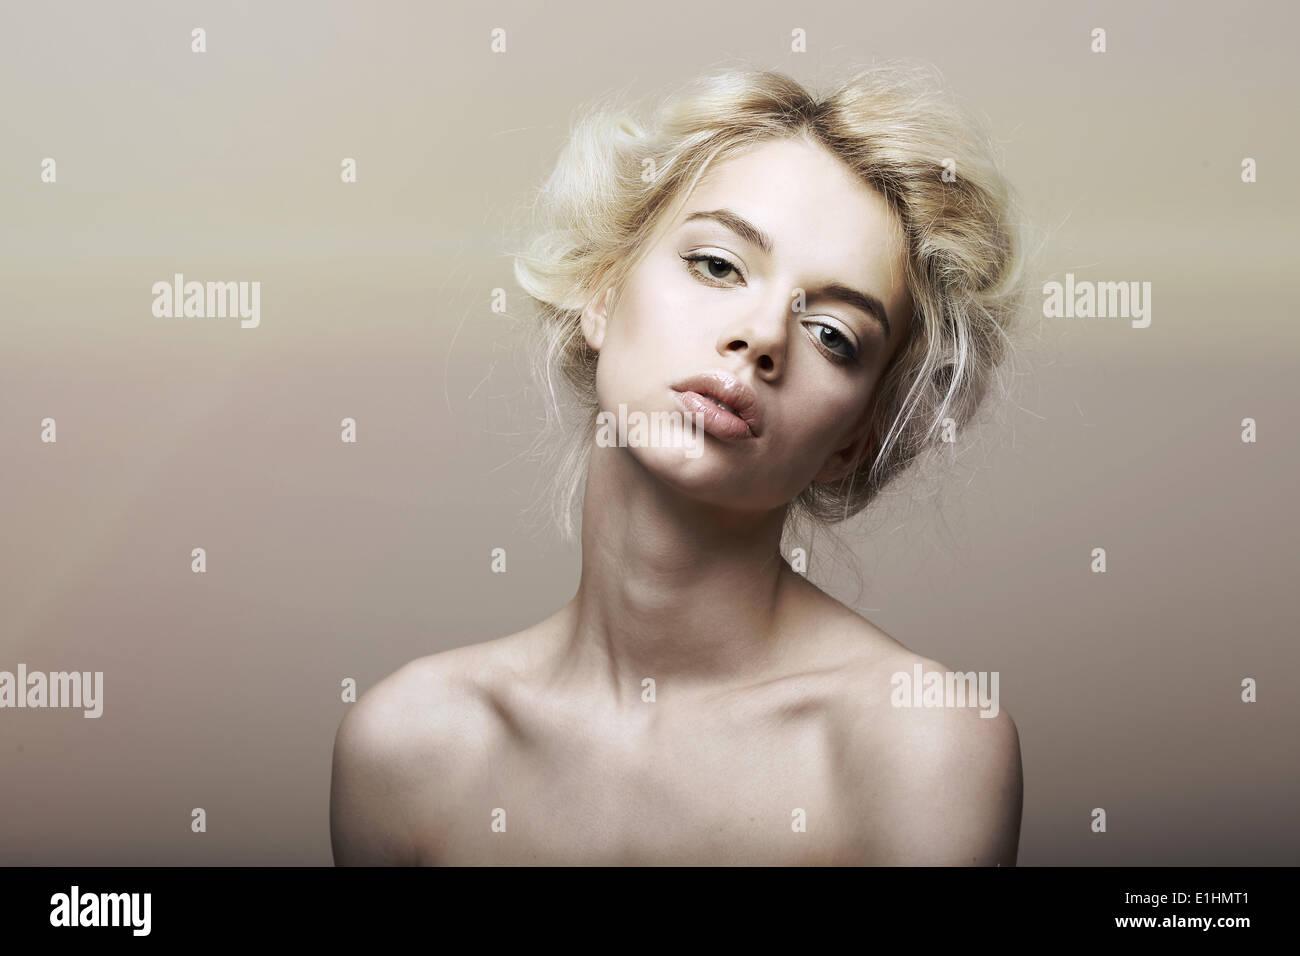 Carácter. La individualidad. Pelo rubio sentimental auténtica mujer soñando Imagen De Stock